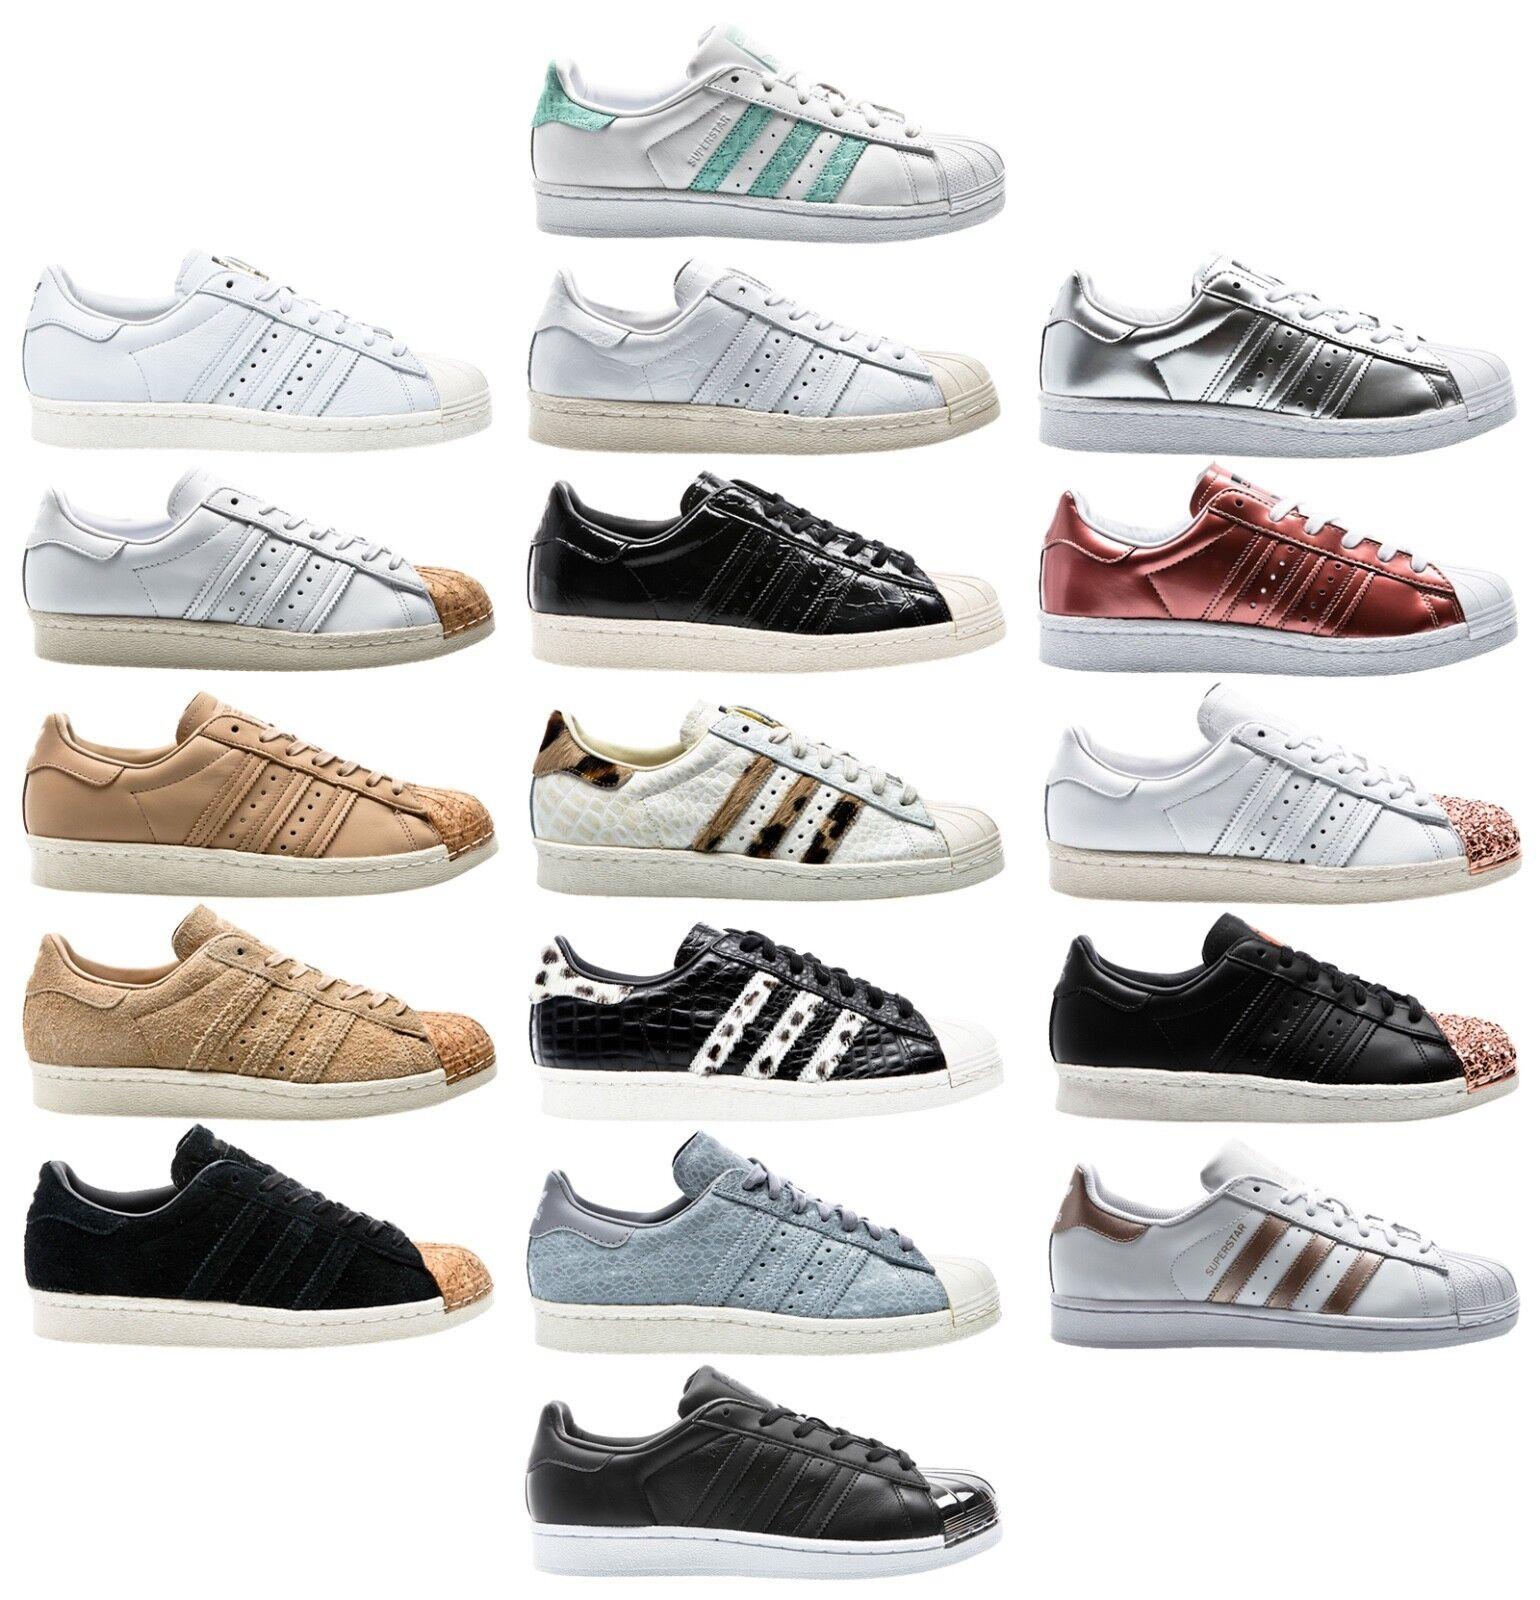 Adidas Superstar w 80s RT Alapítvány Állati női cipő Női cipők